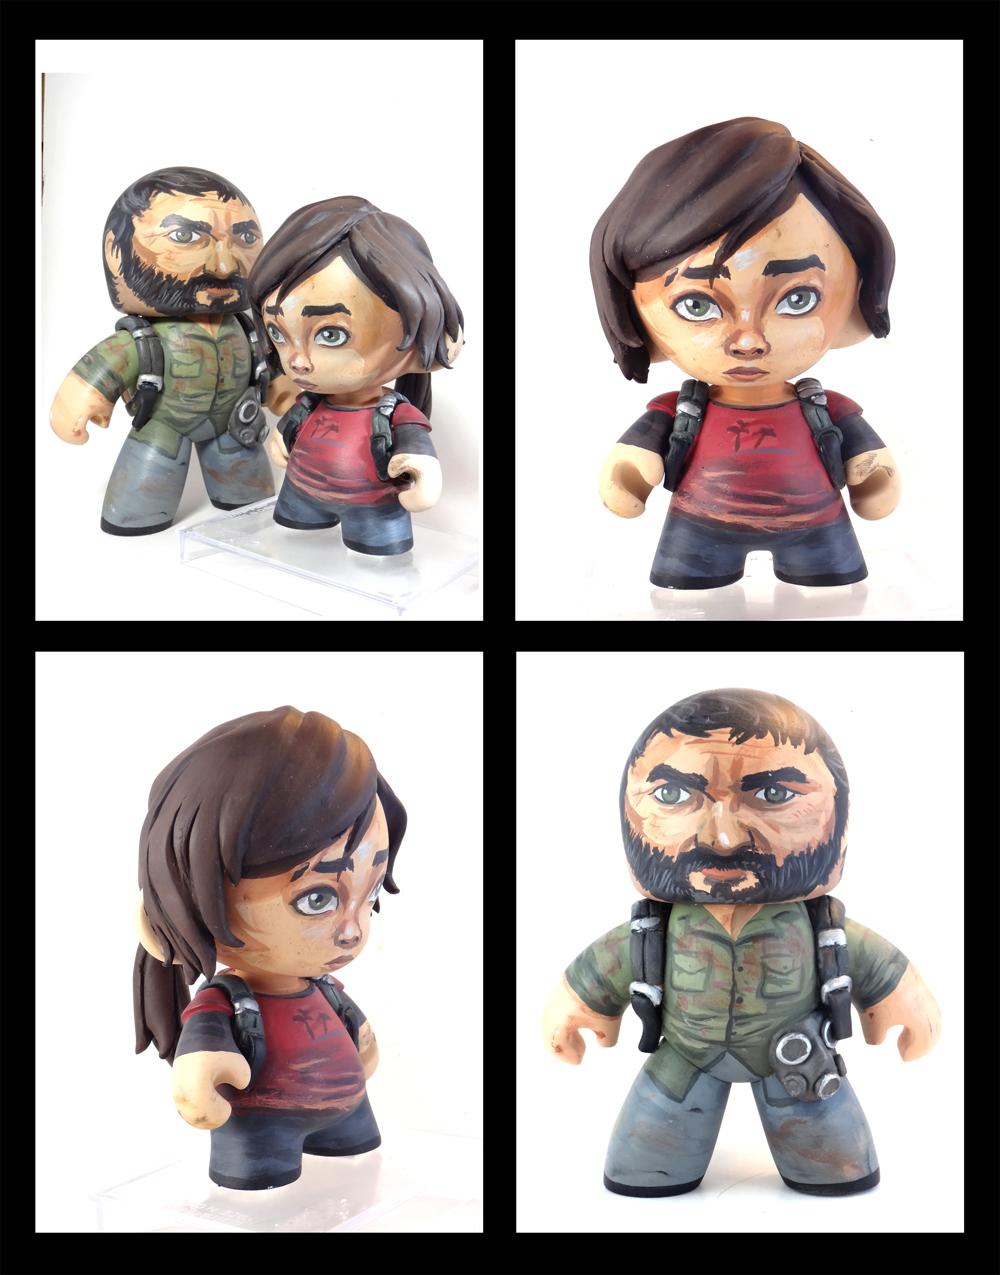 Joel and Ellie Last of Us custom figure set by FlyingSciurus